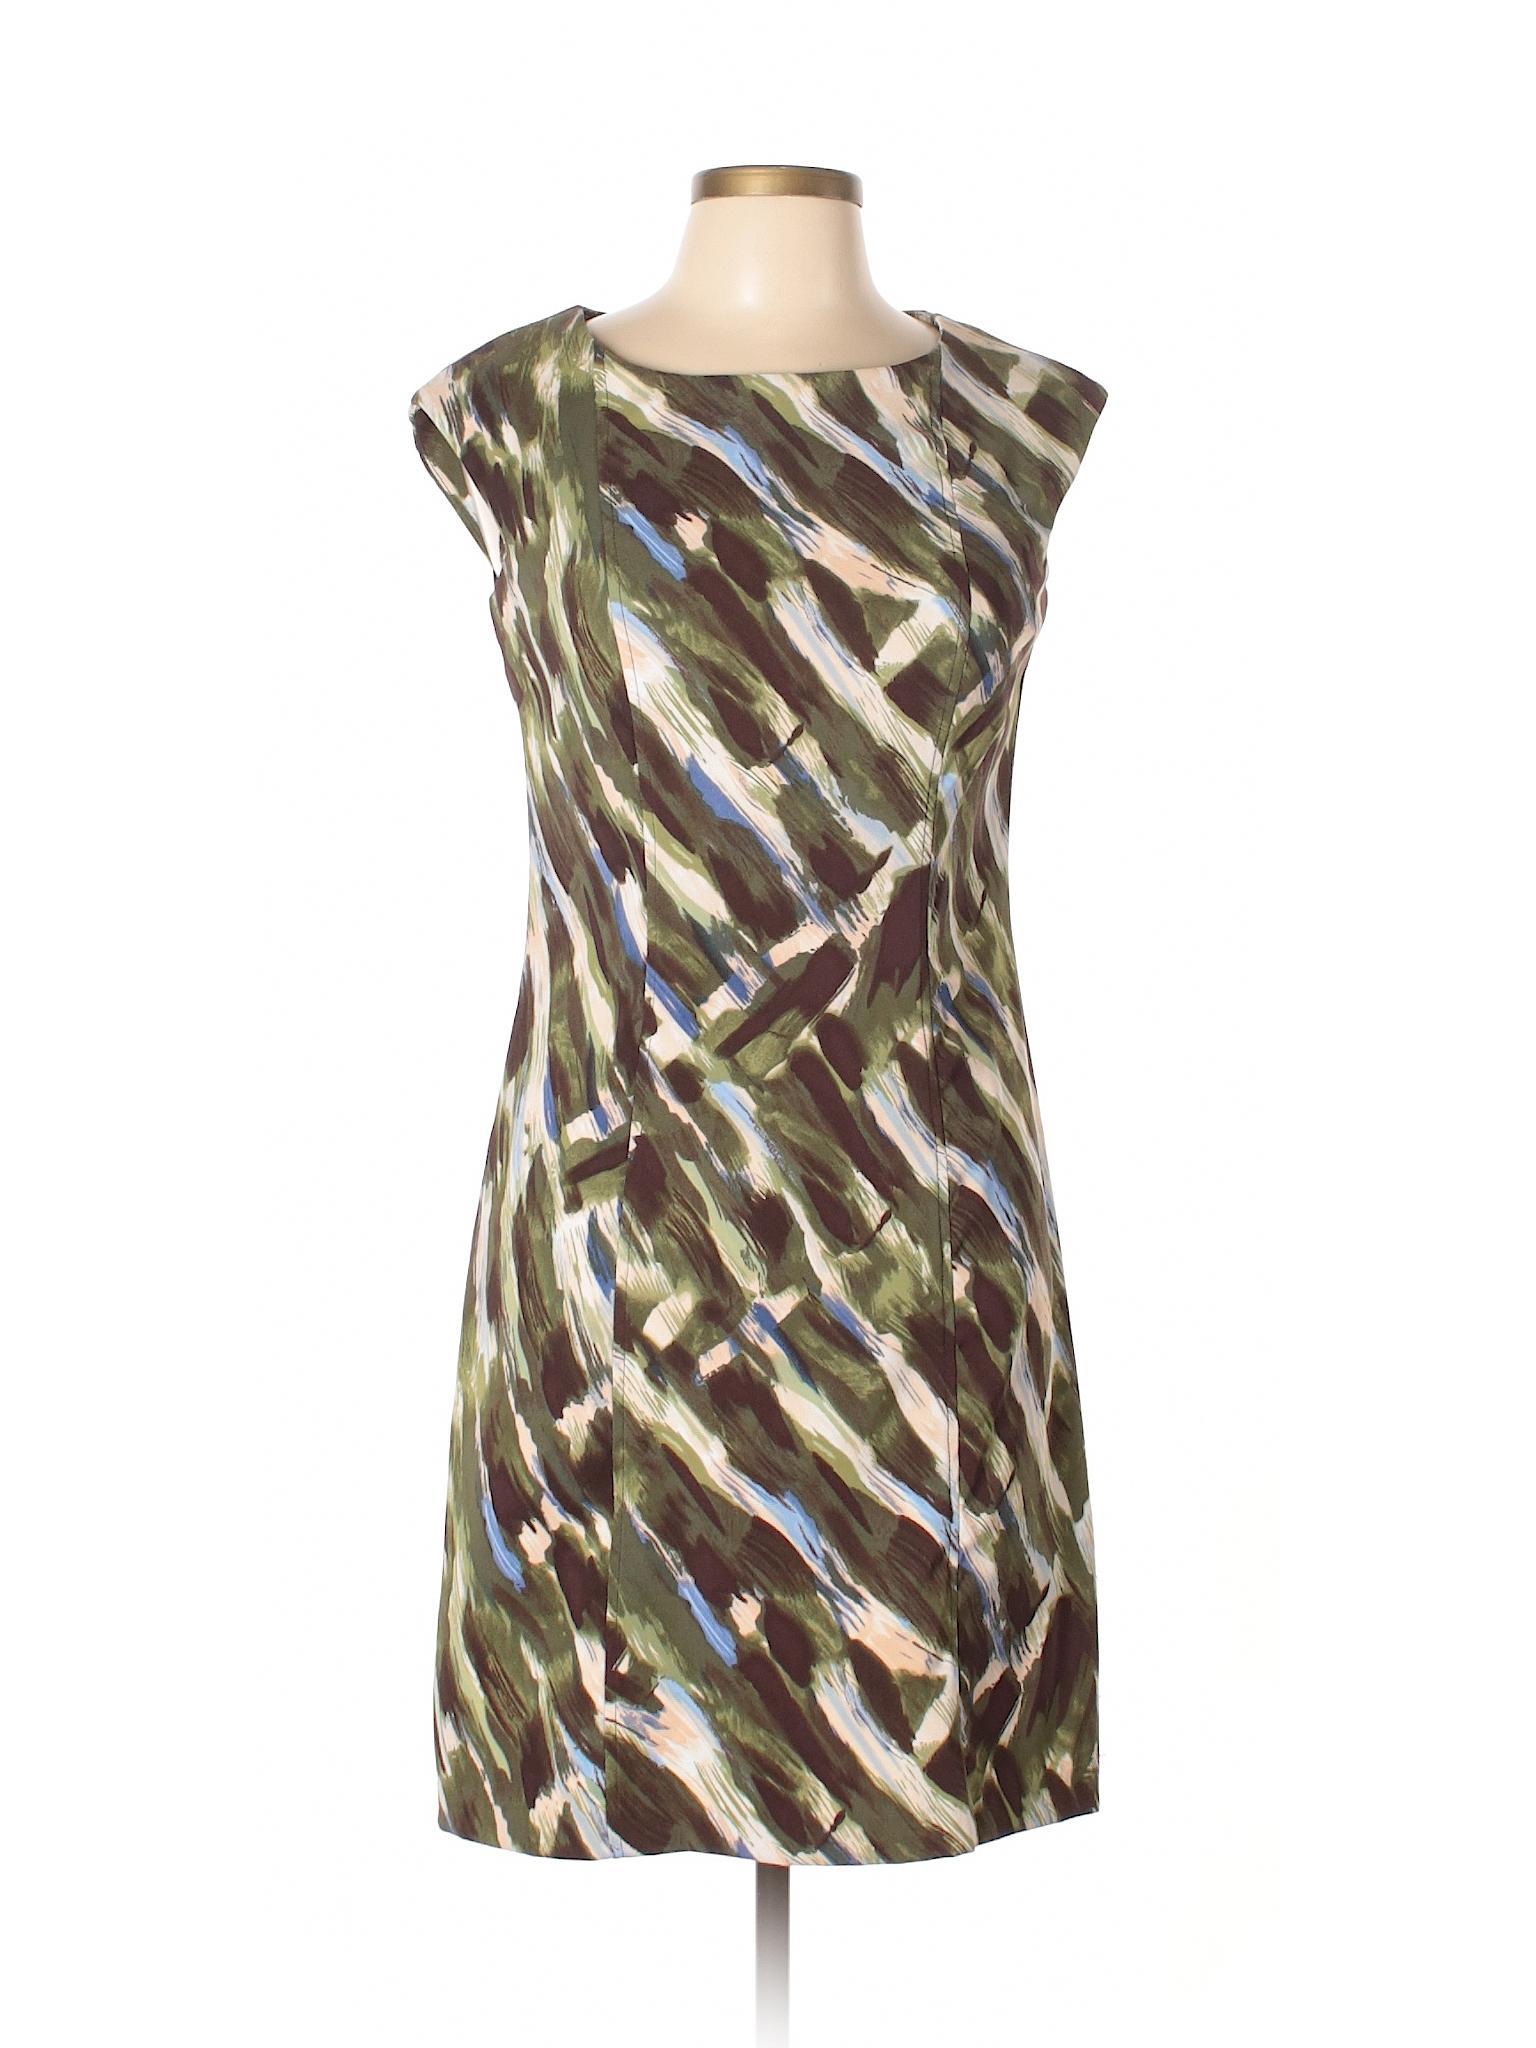 Selling Dress Dress Scarlett Casual Dress Selling Scarlett Casual Scarlett Dress Selling Scarlett Casual Selling Casual PqwpAWBx